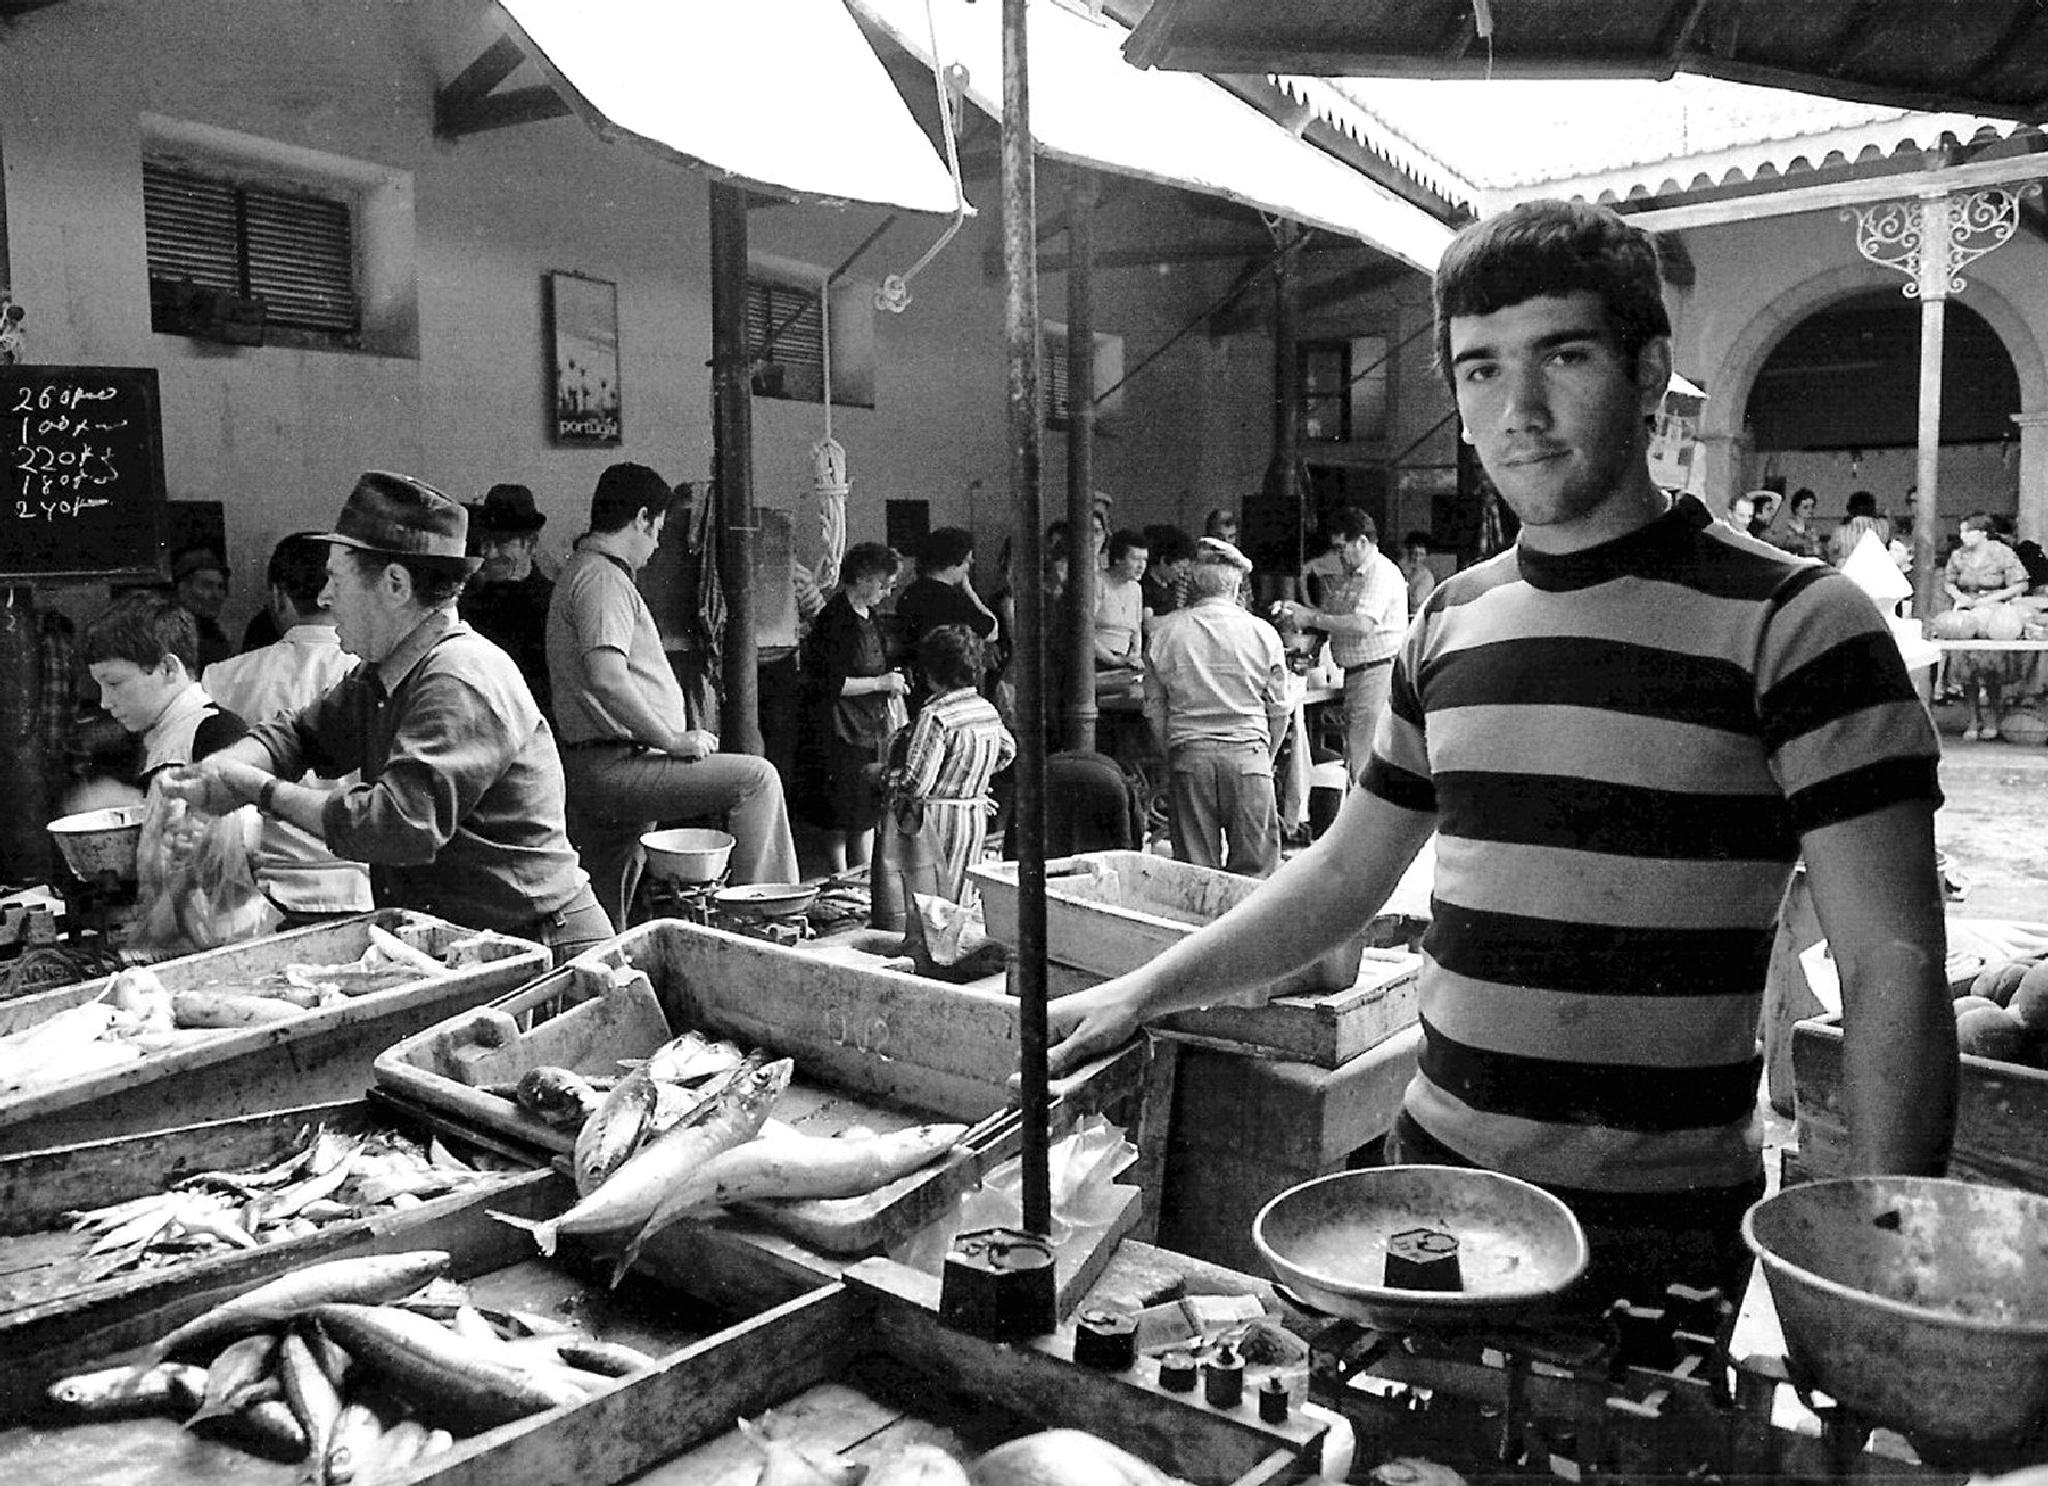 Fish Market Portimao, Portugal. by DenisJosephDalby